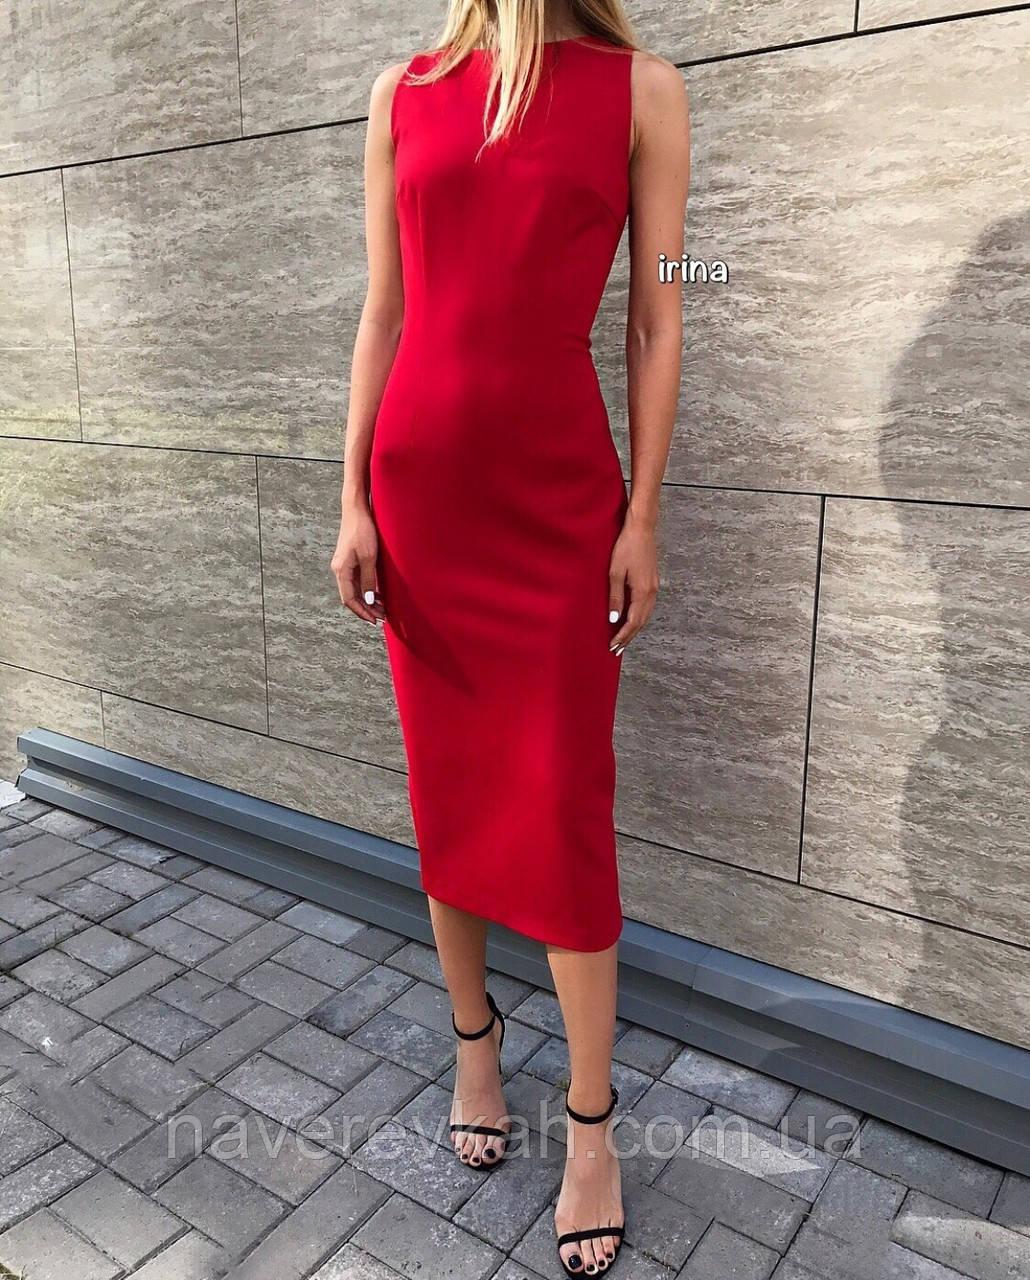 4fe7ca2f04a ... Летнее женское облегающее платье голубое красное черное бордо бутылка  мокко